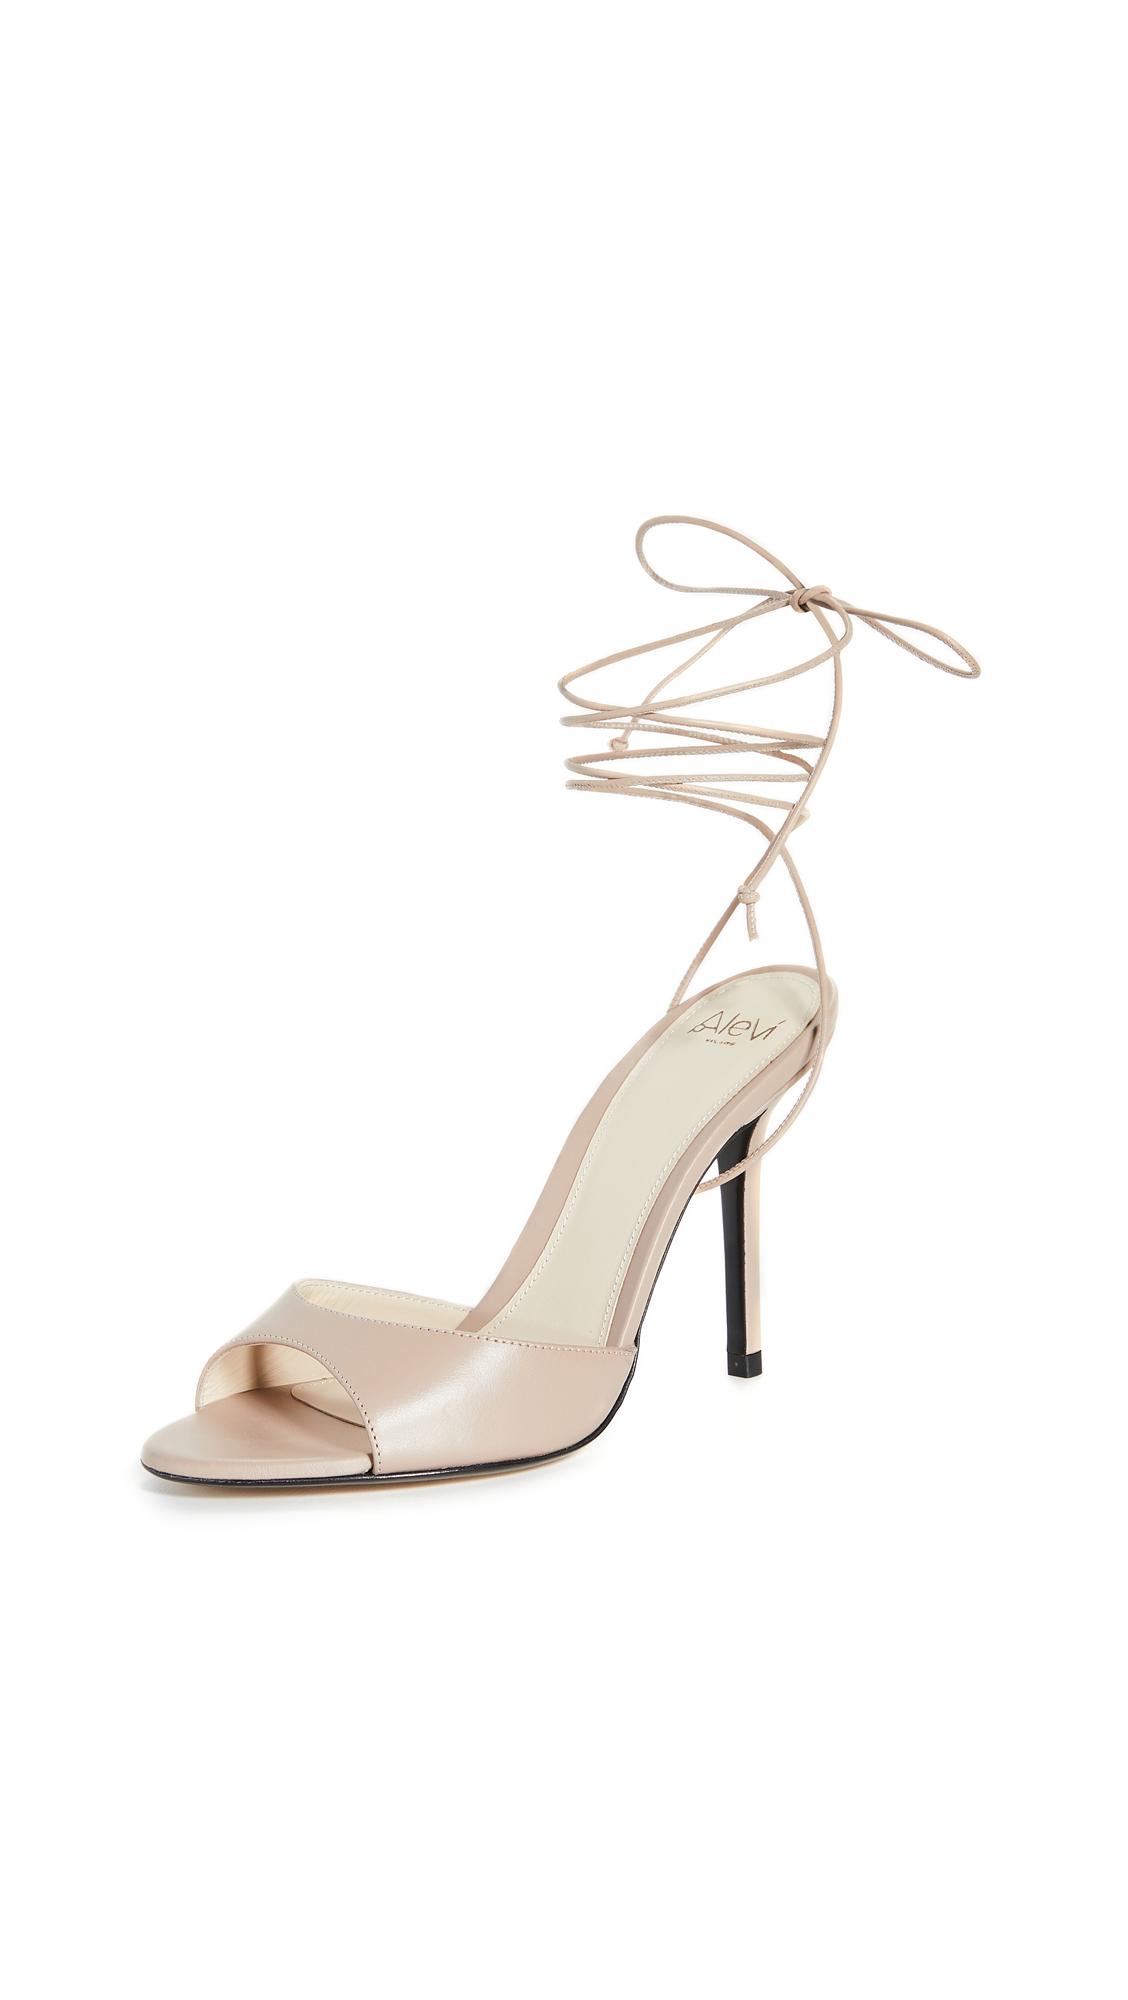 Buy Alevi Milano Lucy Sandals online, shop Alevi Milano